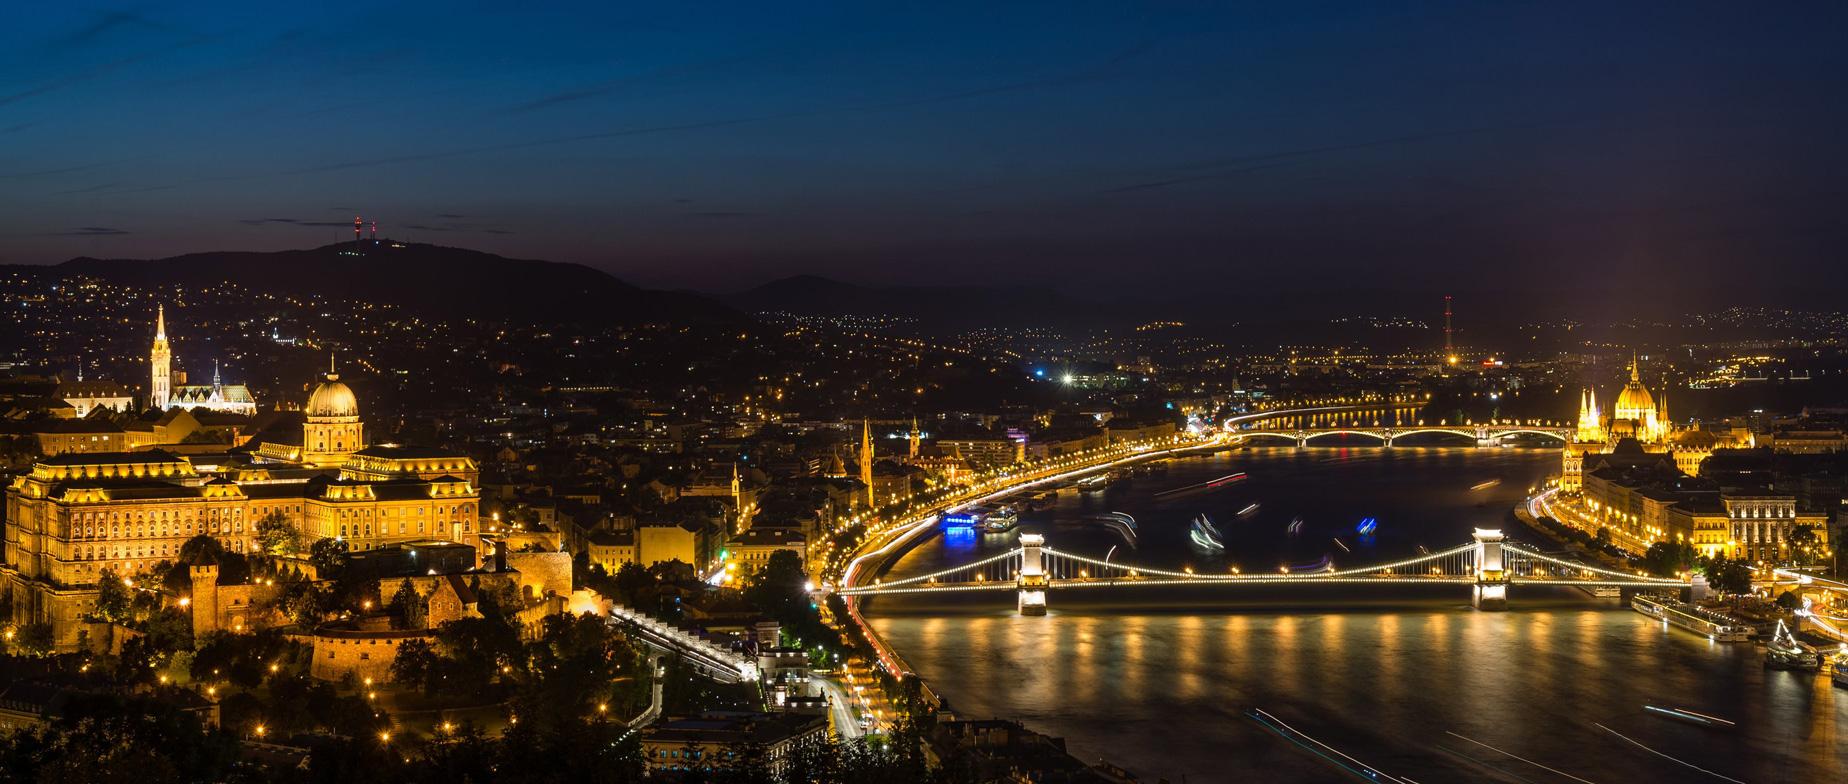 Budapesti romantikus esti városnézés luxusautóval